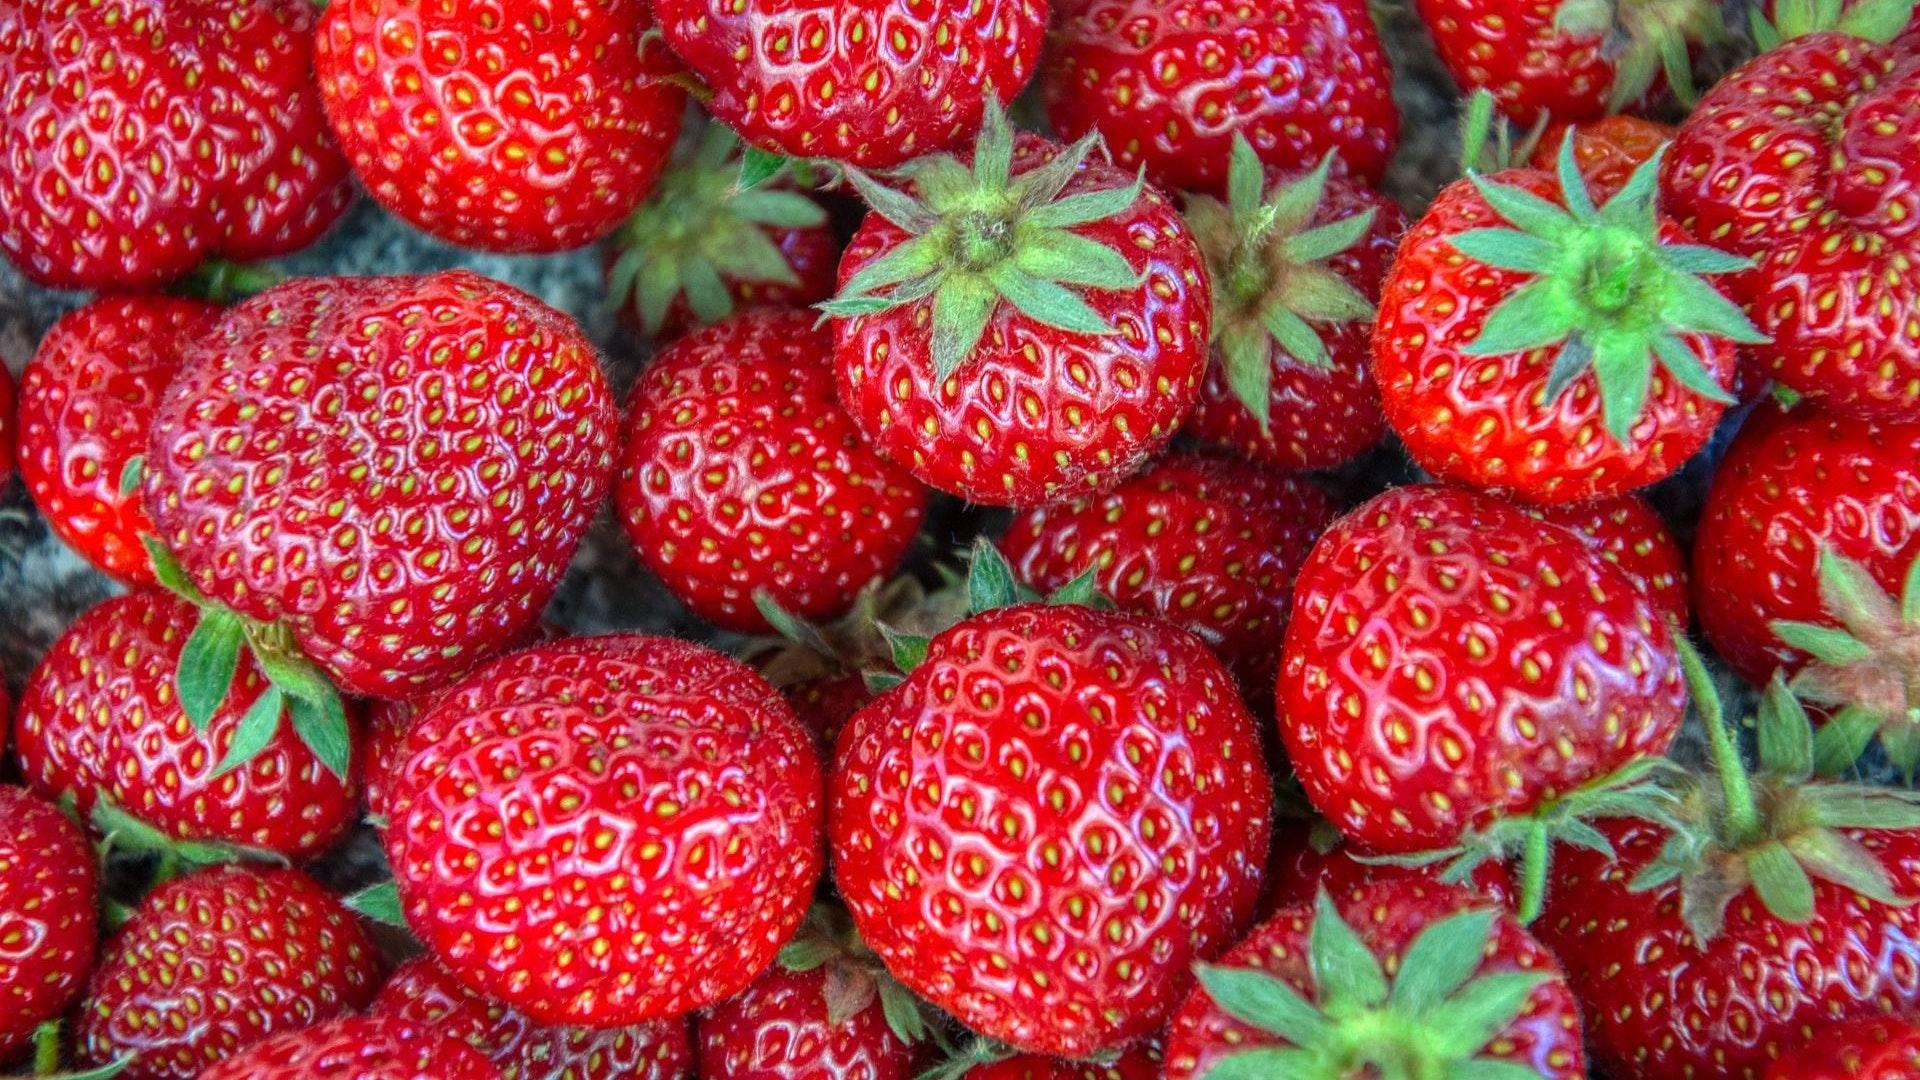 In Hofläden und an Marktständen hat die Zeit der heimischen Erdbeeren begonnen: Immer öfter stehen in diesen Tagen die roten, saftigen Früchte aus niedersächsischer Produktion zum Verkauf. Foto: Lässer/Pixabay